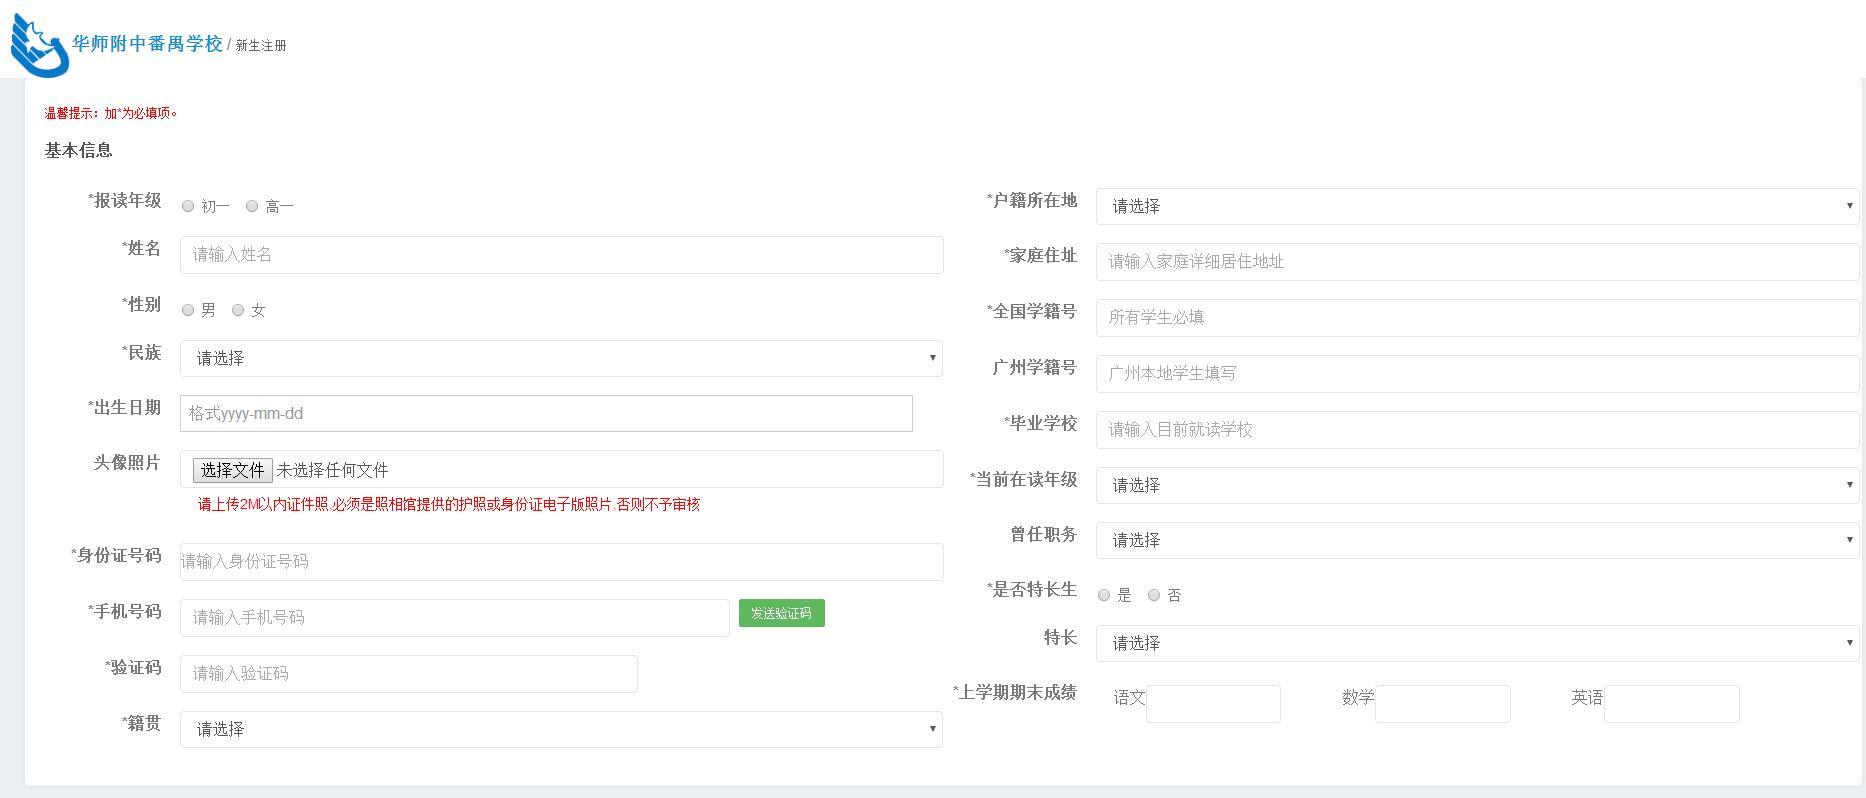 广州番禺华附2018信息登记链接